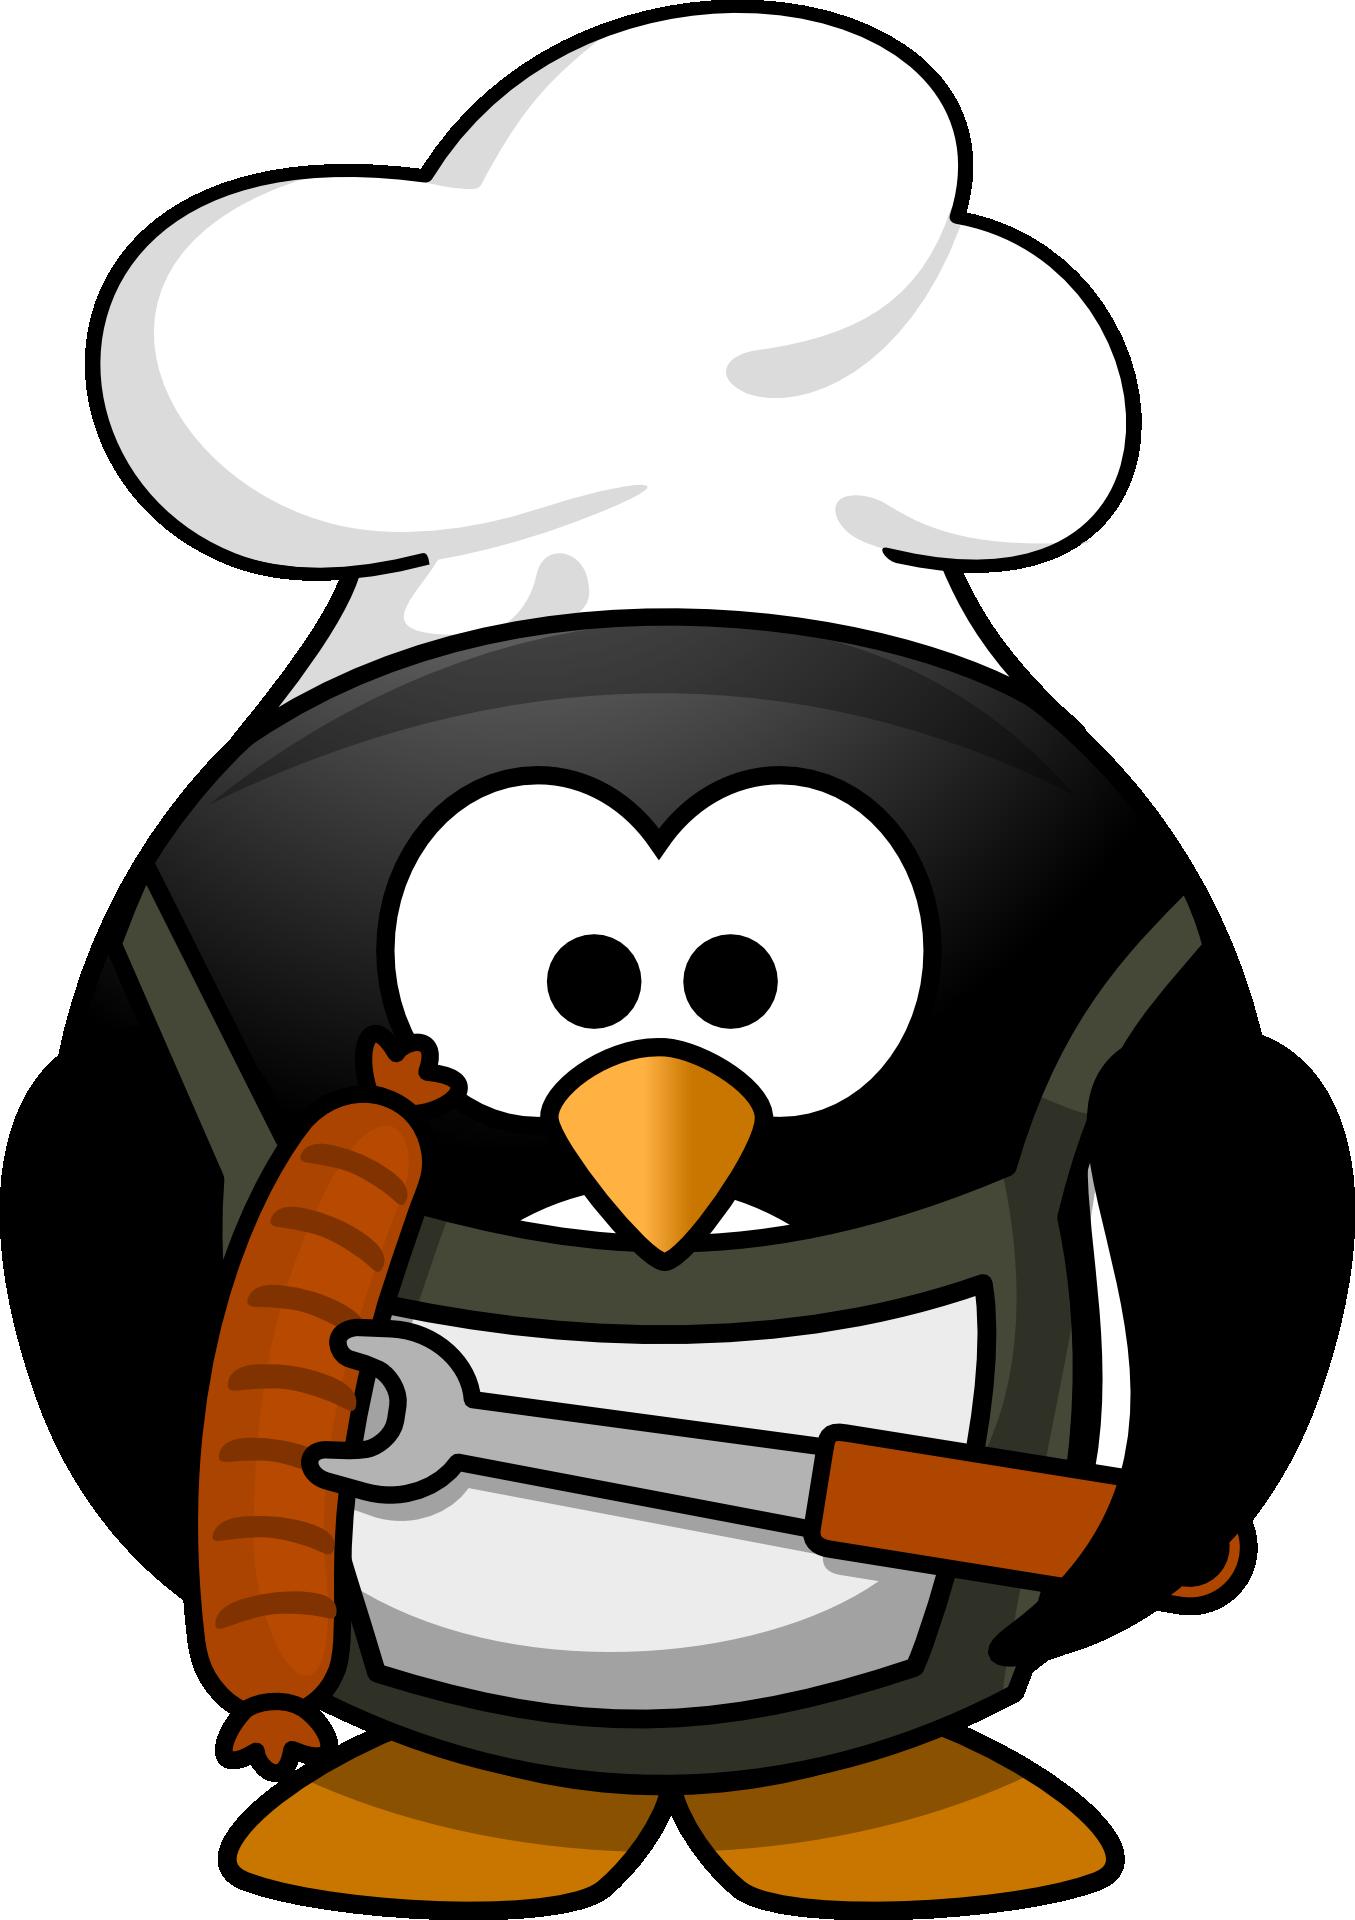 clipart-téléchargement-gratuit-libres-de-droits-creative-commons1.png